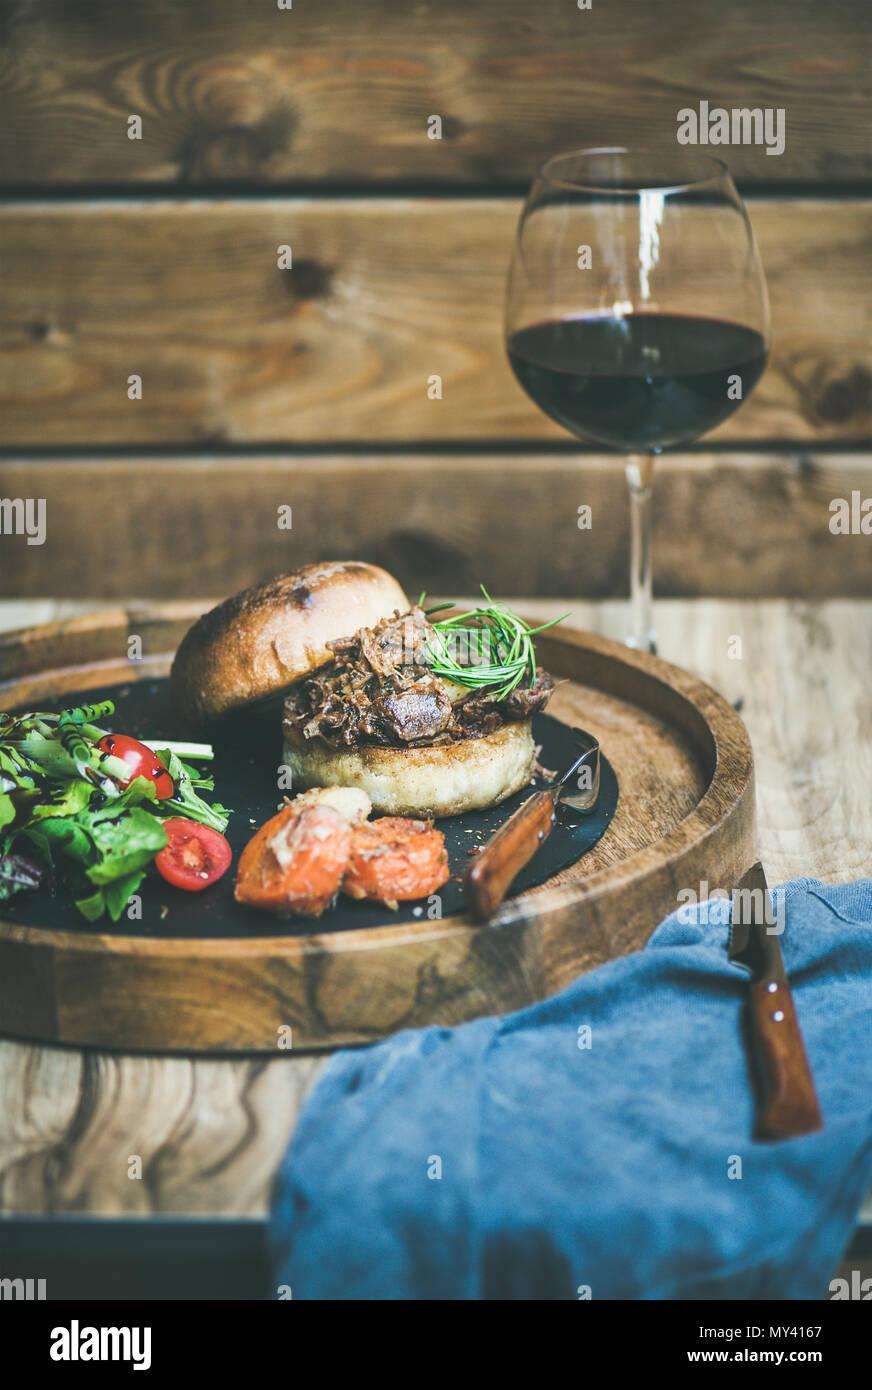 Burger de porc fait maison avec sauce bbq et salade de chou Photo Stock